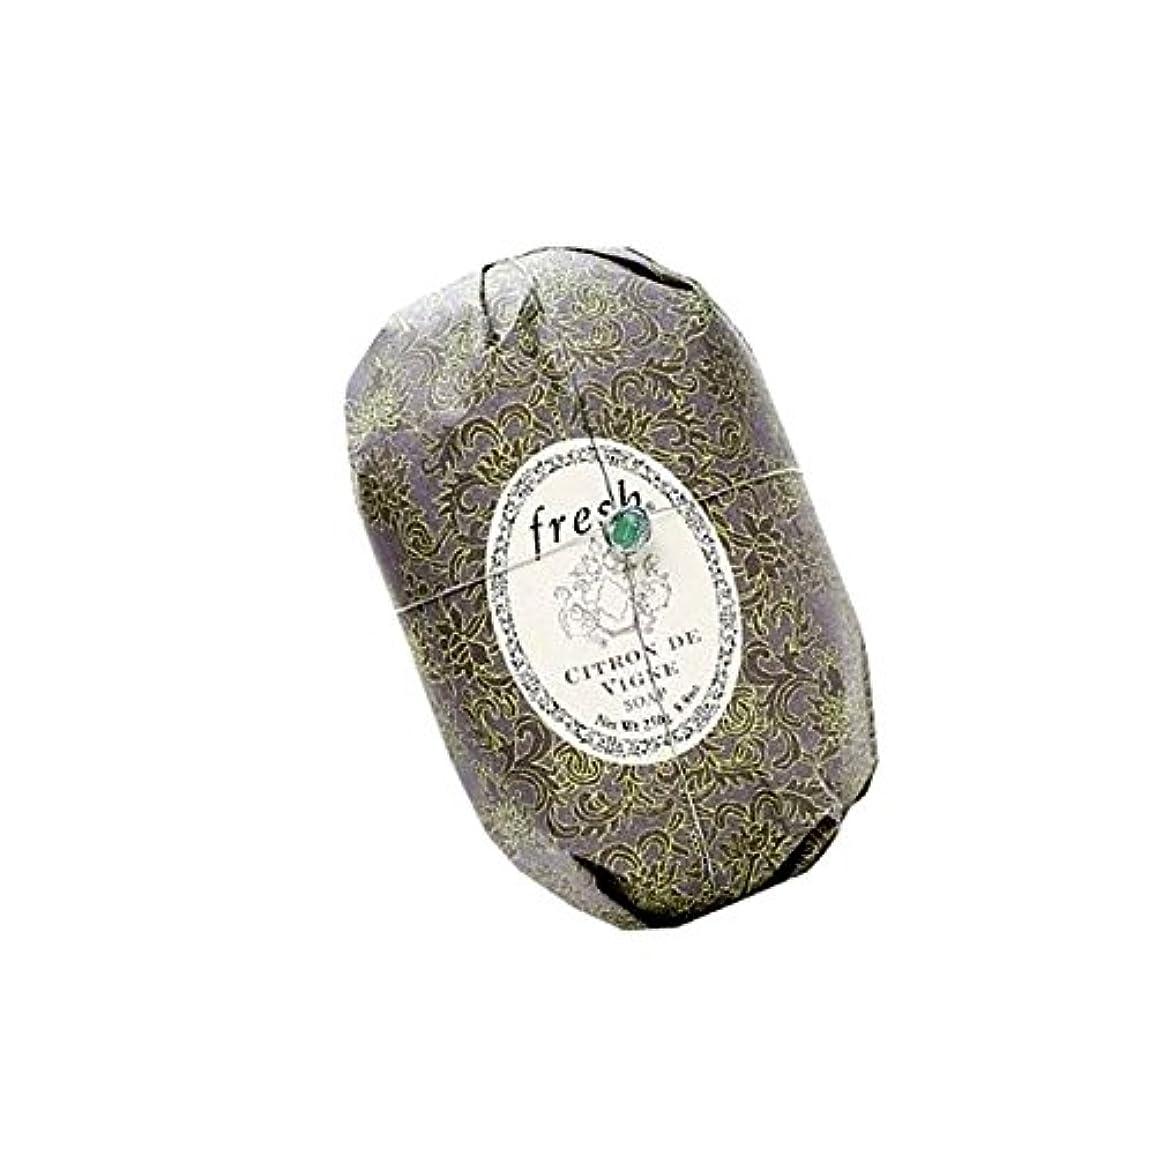 したがってトロイの木馬はさみFresh フレッシュ Citron de Vigne Soap 石鹸, 250g/8.8oz. [海外直送品] [並行輸入品]